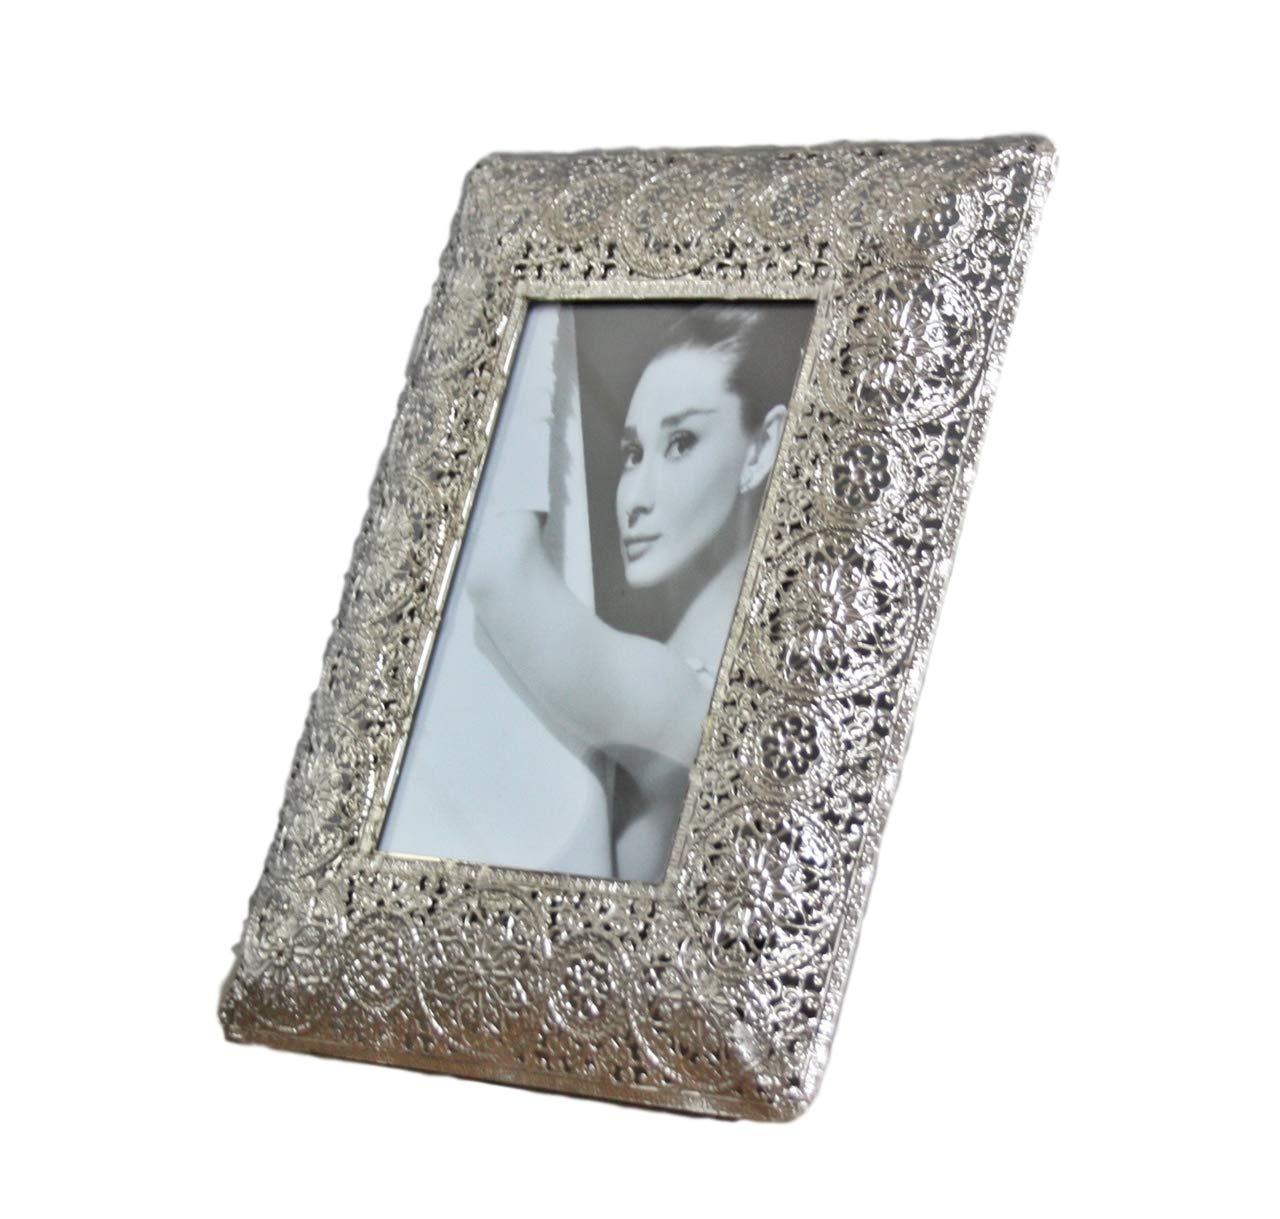 23x18x15 B elbm/öbel Bilderrahmen Metall silber Orientalisch antik Rahmen Fotorahmen Standrahmen Wandrahmen